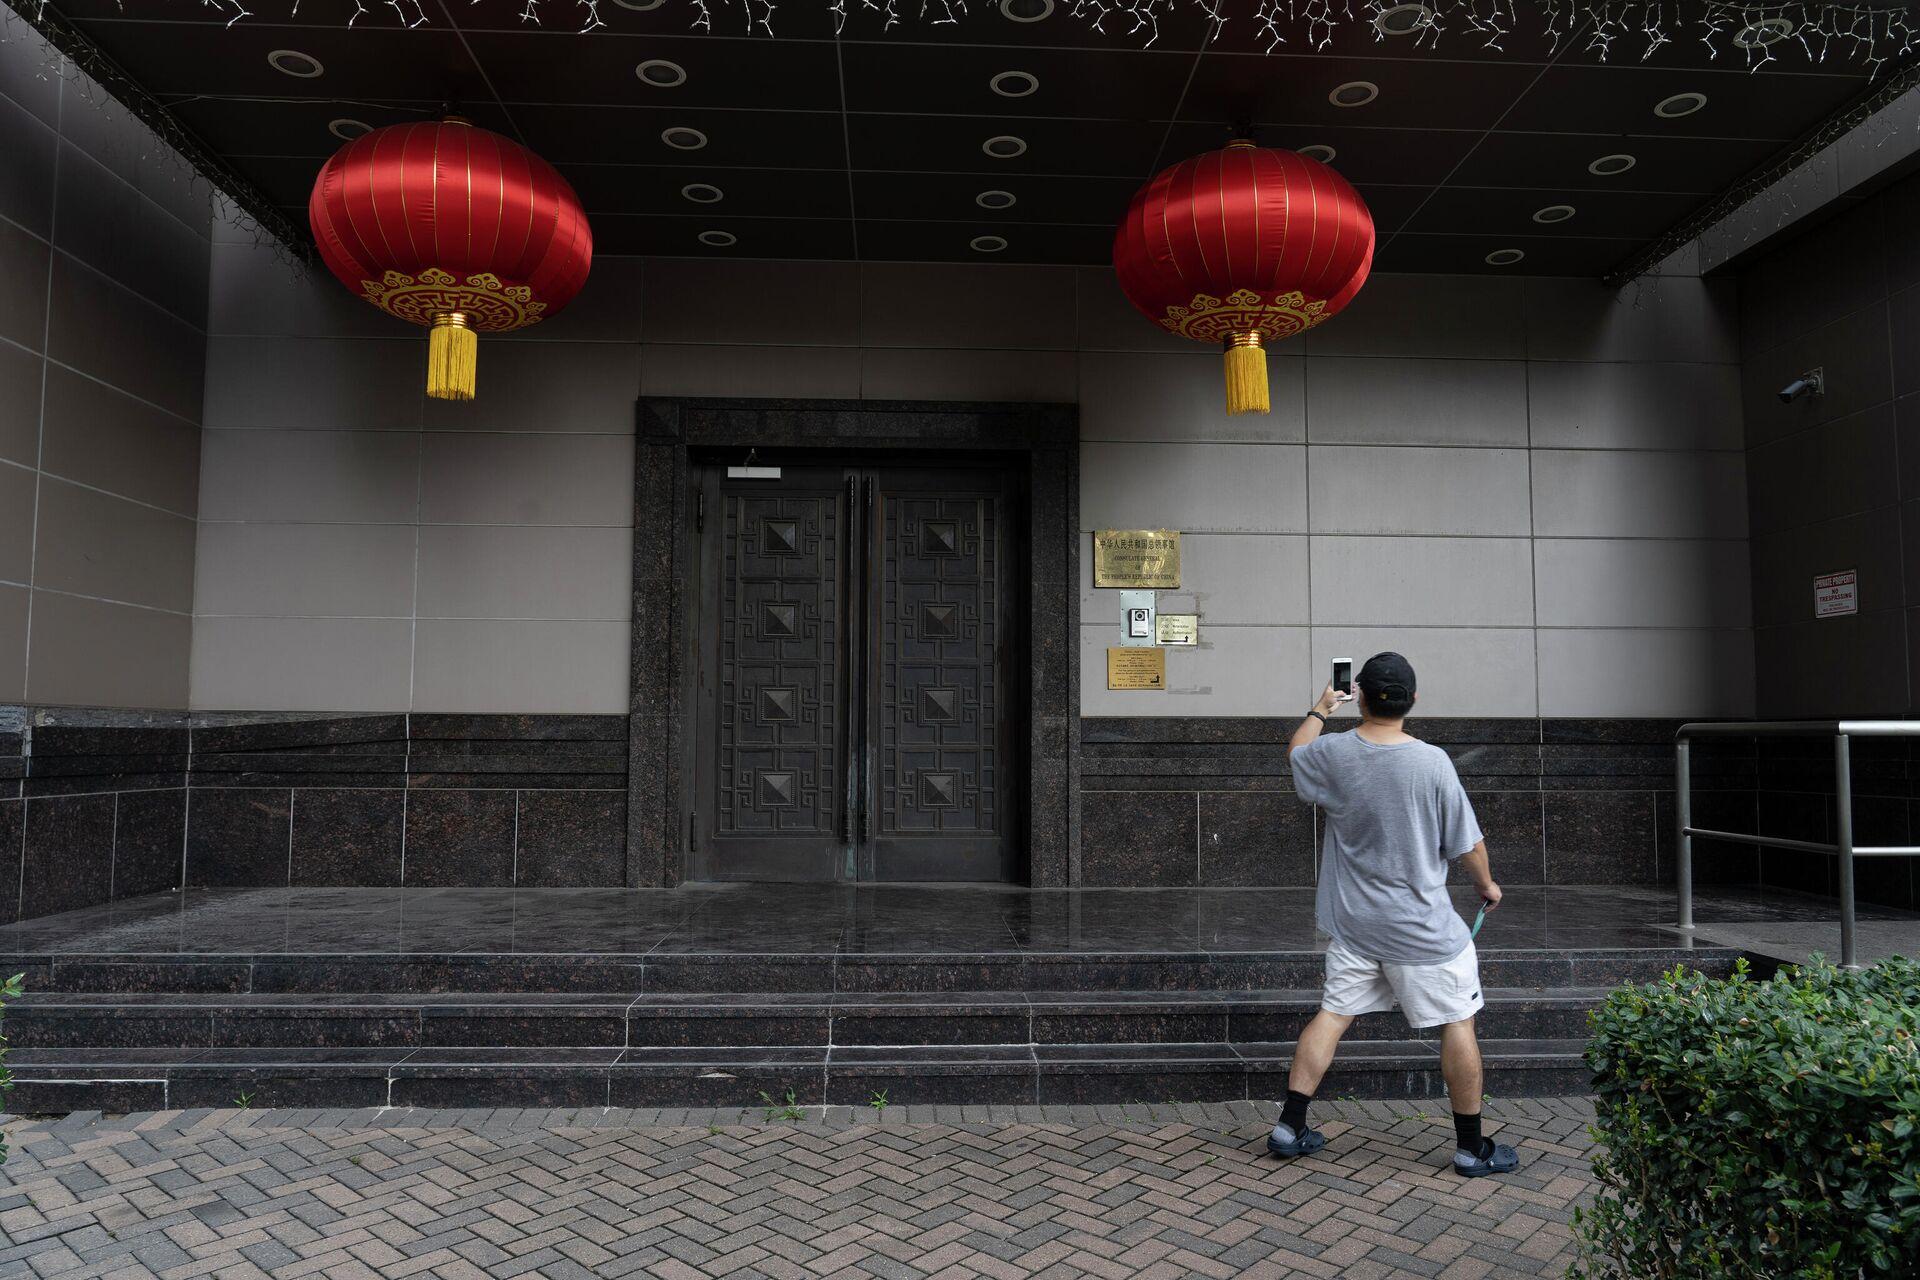 Закрытые двери консульства Китая в Хьюстоне - РИА Новости, 1920, 10.09.2020